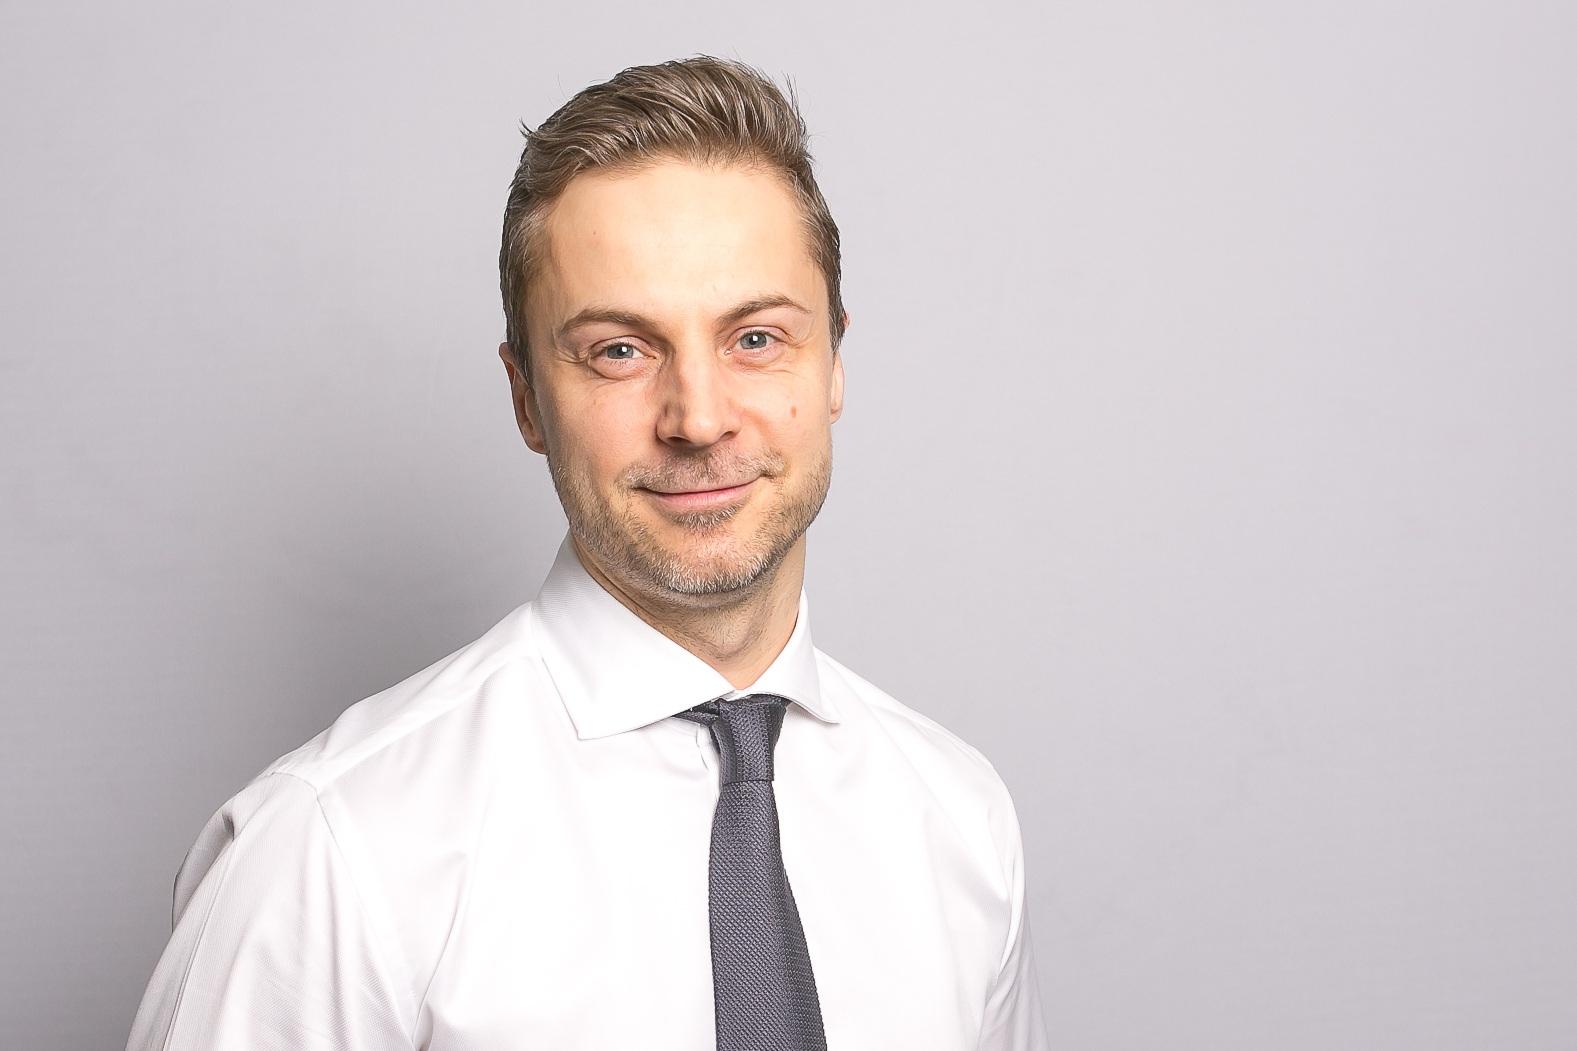 Markku Jussila  Director, Co-Founder  New Business Development  040 532 2212   markku.jussila@springvest.fi   (också på svenska)